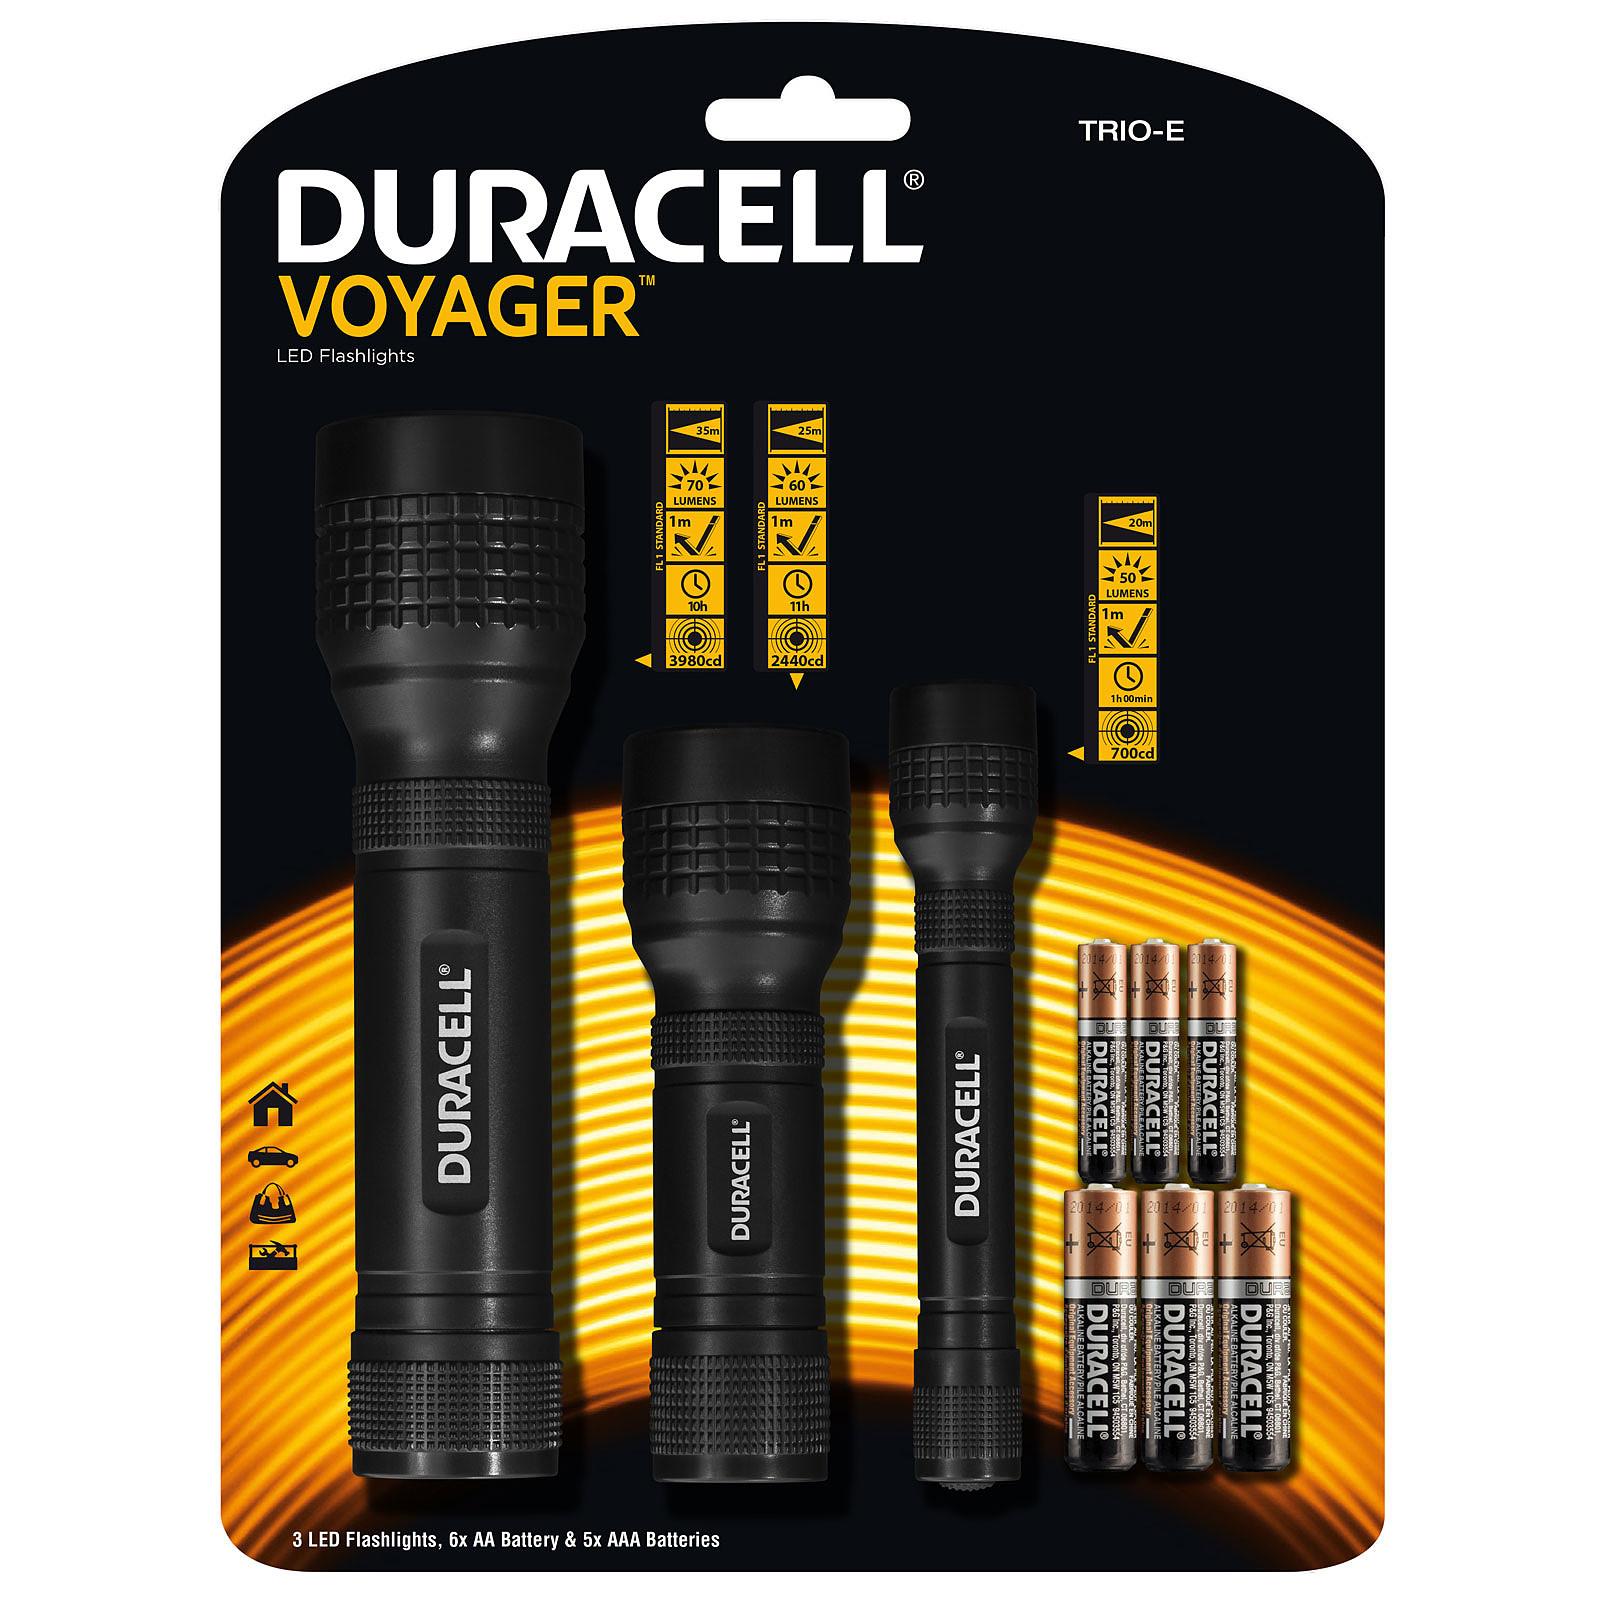 Duracell Voyager TRIO-E